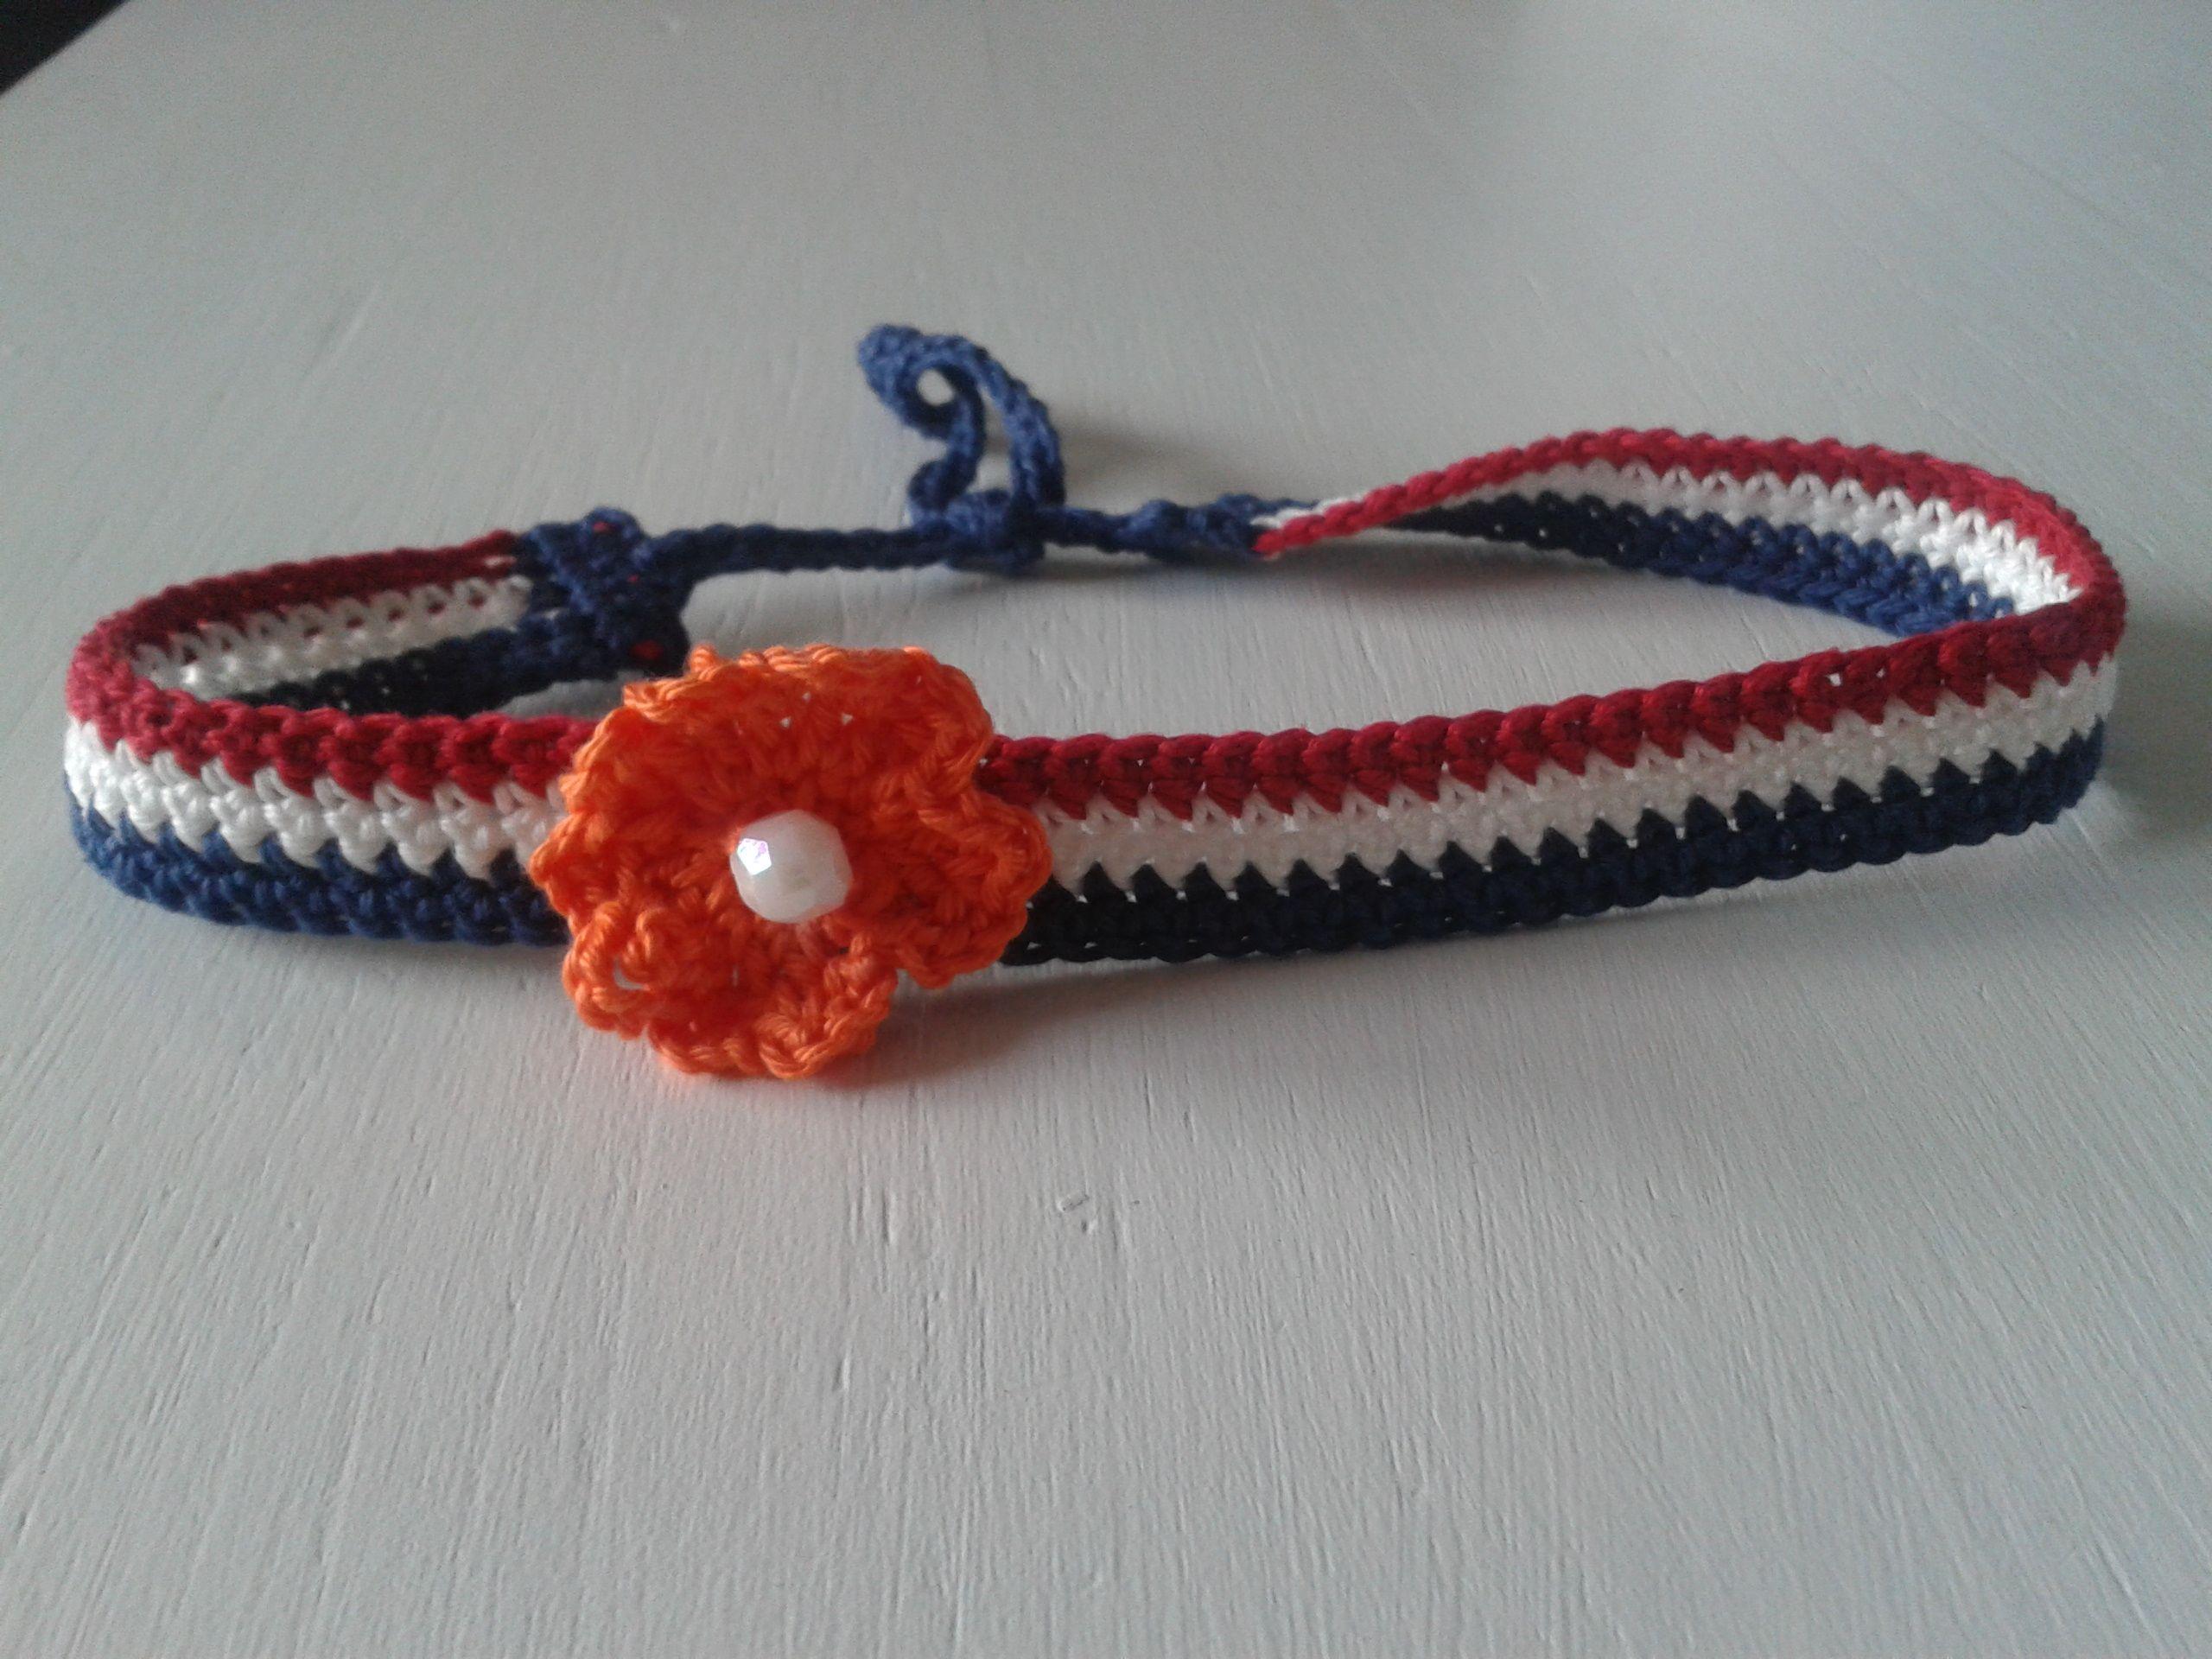 Holland Haarband Handmade By Henja Van Mij By Henja